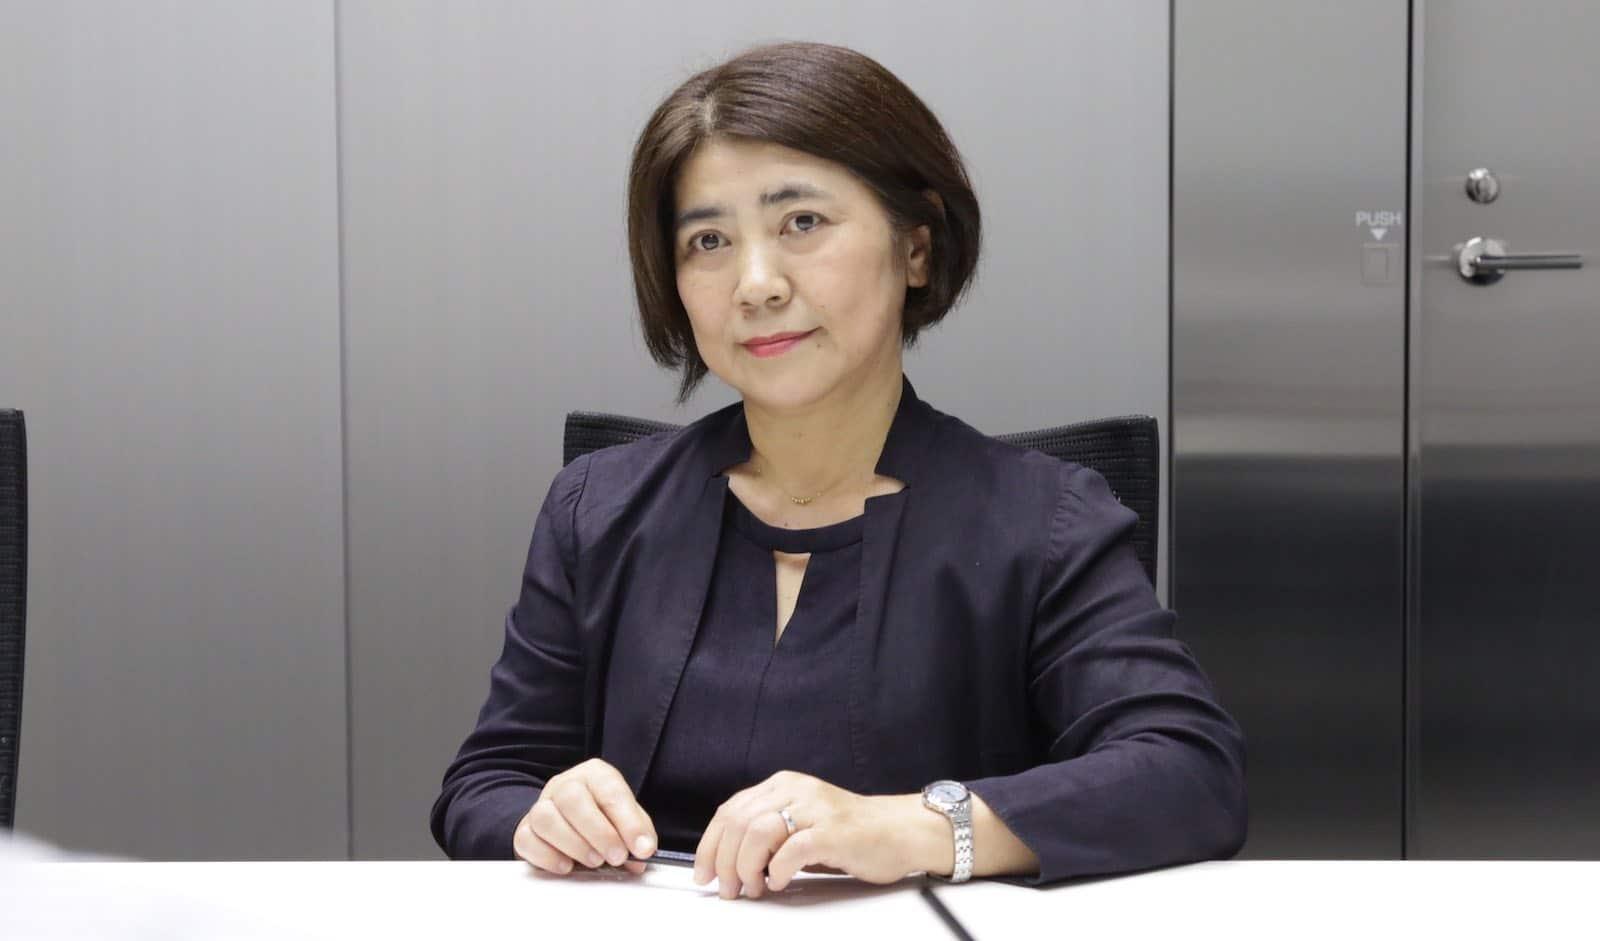 株式会社東芝 技術企画部 サイバーセキュリティセンター  参事 斯波 万恵氏